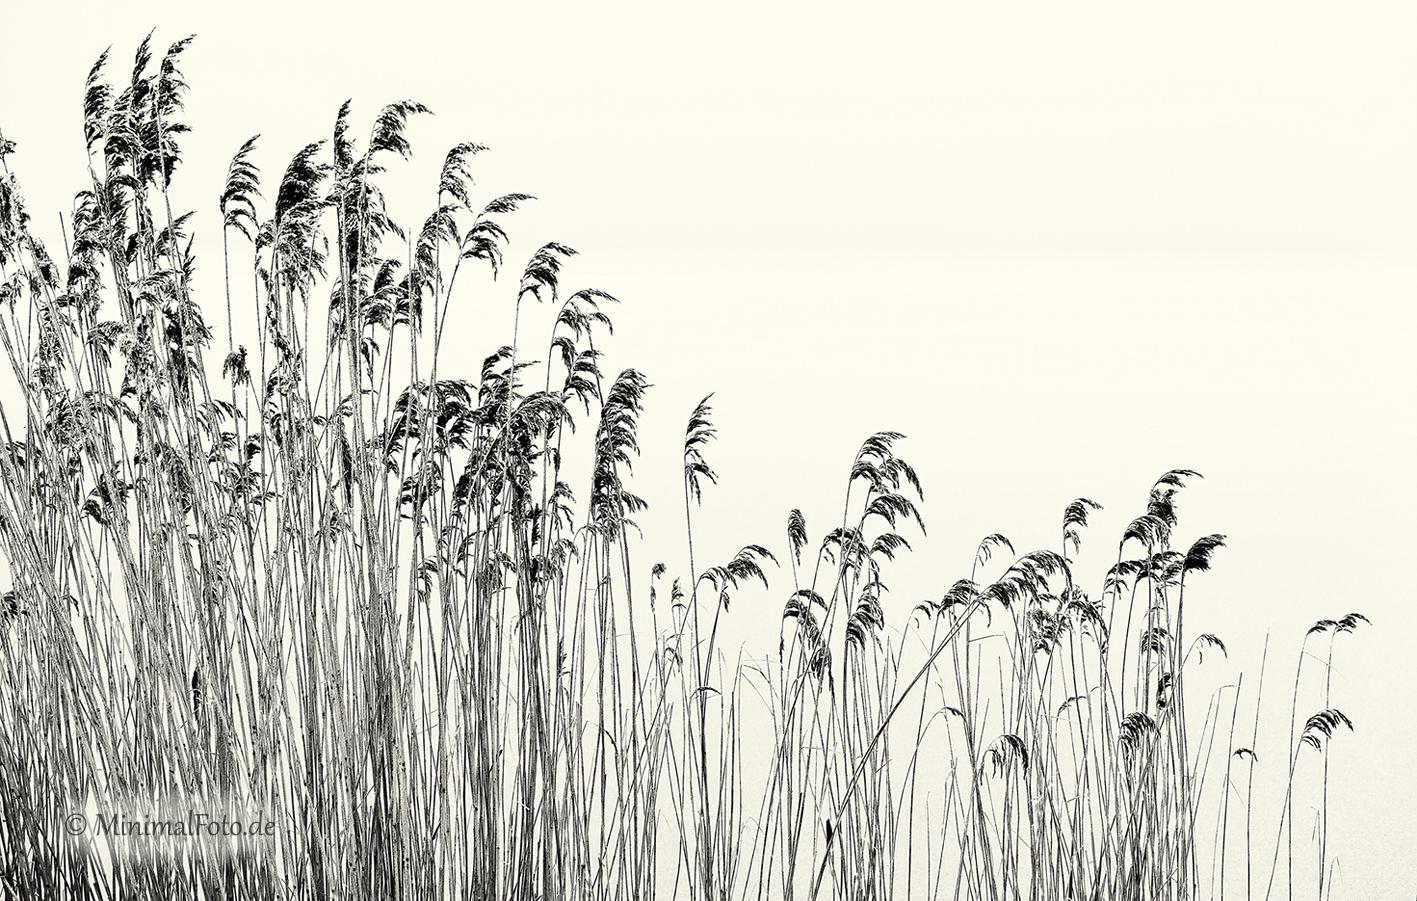 Schilf-reed-roehricht-winter-Minimalismus-minimalistisch-minimalistic-black-white-schwarz-weiss-B_SAM0467-sw